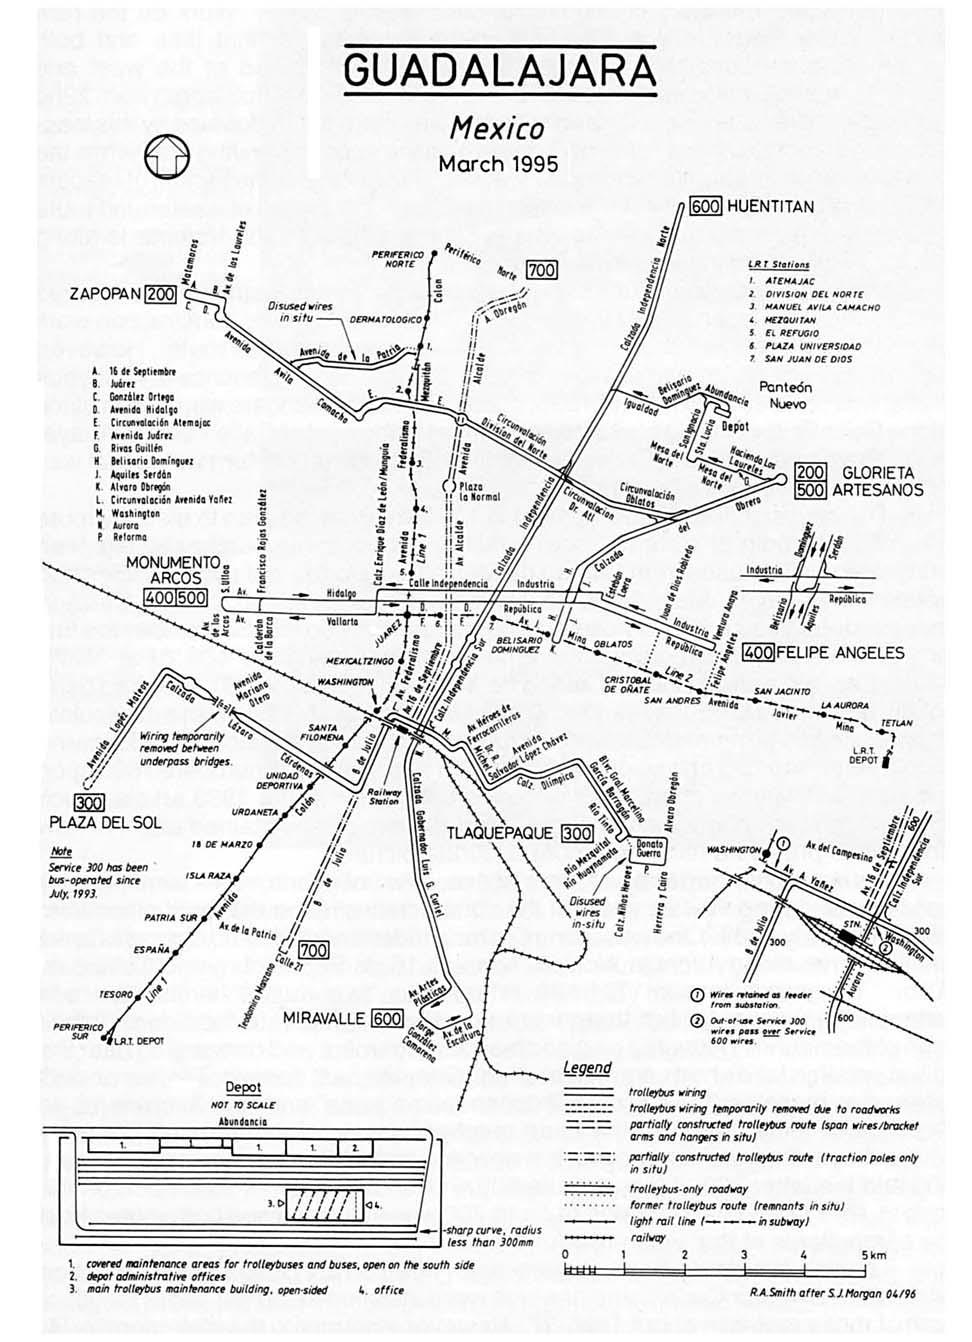 Stav trolejbusové sítě v Guadalajaře v roce 1995. Čárkovaně je zobrazena budovaná a nikdy nedokončená trať pro plánovanou linku 700. (zdroj: Trolleybus Magazine, č. 7-8/1996; sbírka Allen Morrison)